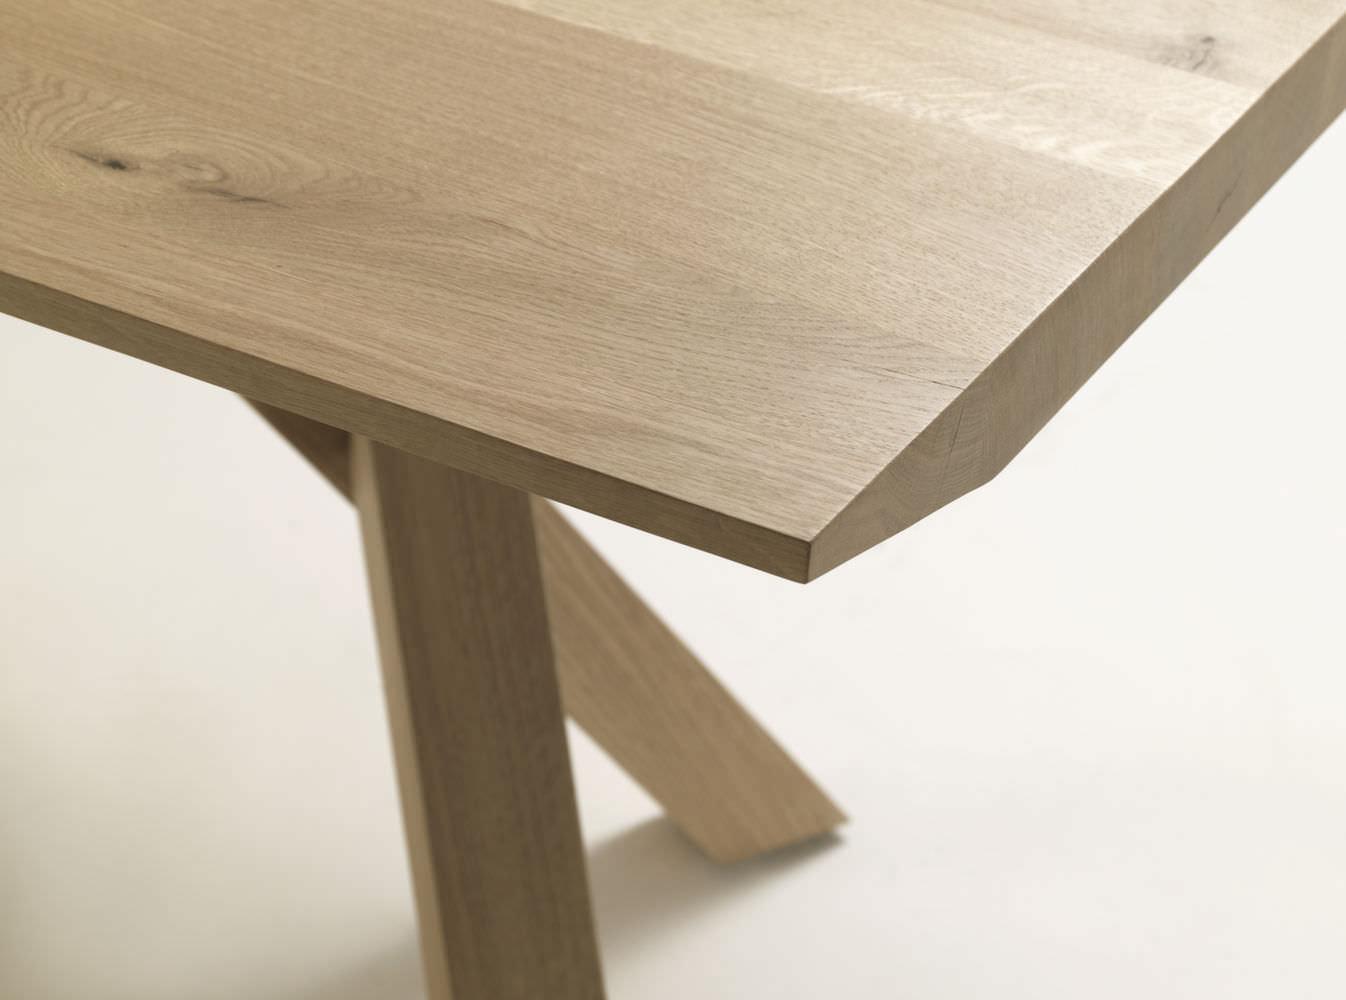 Schön ... Moderner Tisch / Holz / Rechteckig SNAP By Giovanna Azzarello Riva  Industria Mobili ...